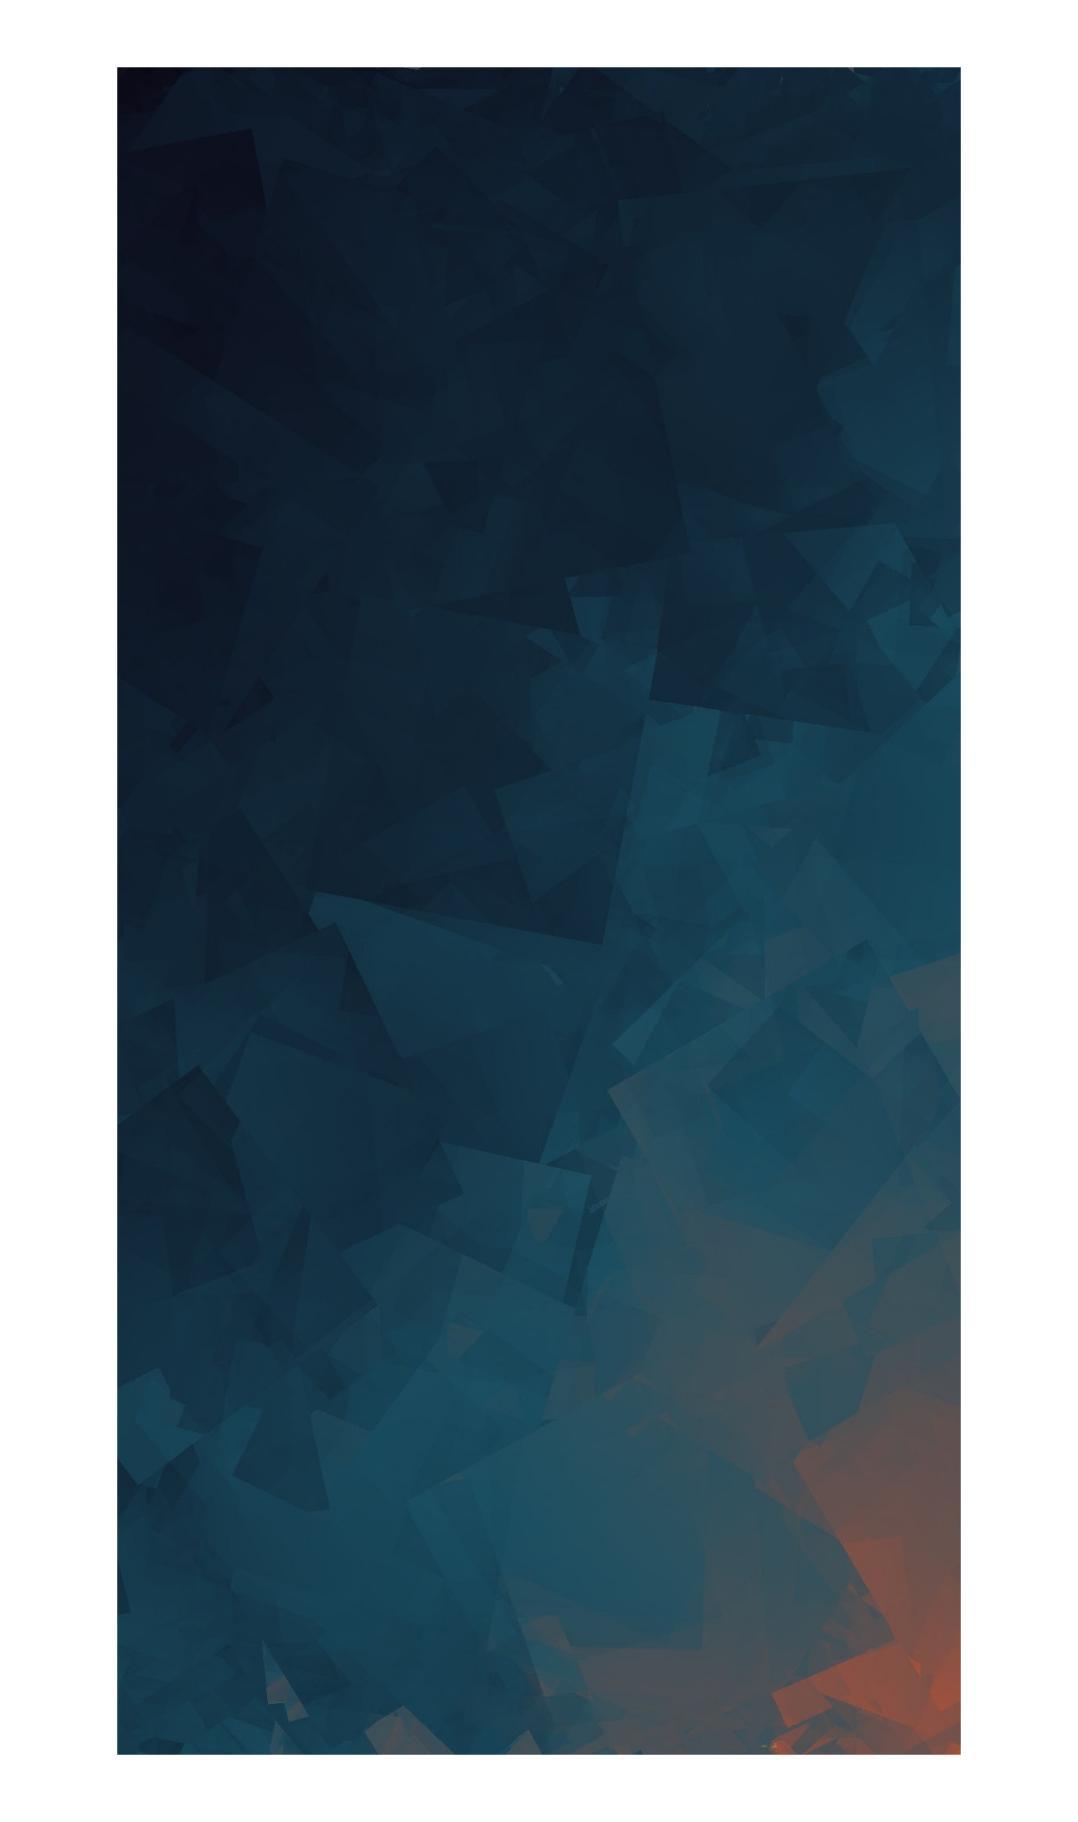 Android 用の 壁紙18 9 Apk をダウンロード